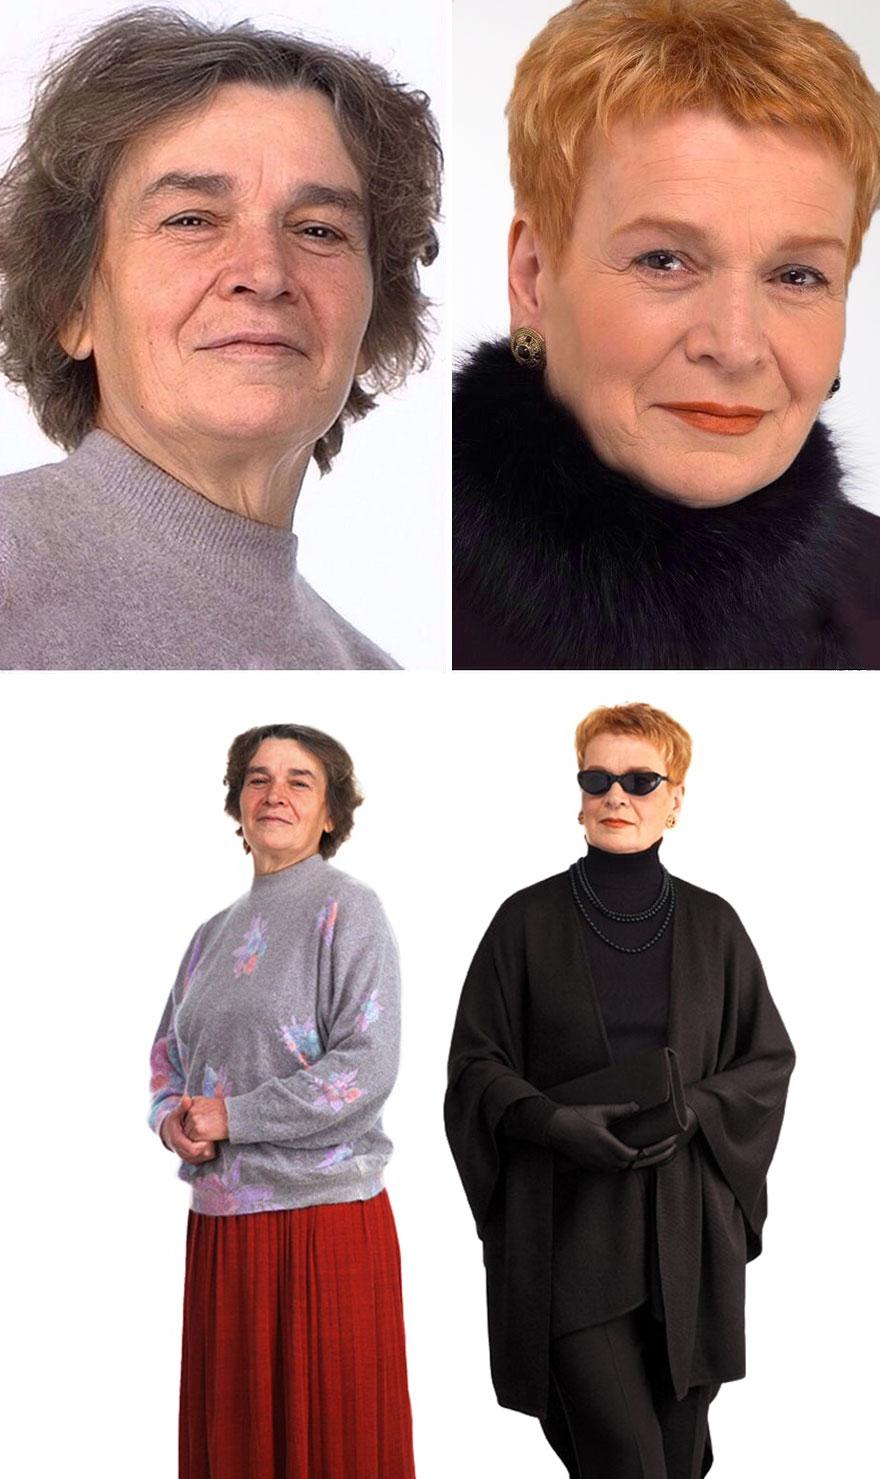 fotos-antes-despues-mujeres-cambio-estilo-bogomolov-32